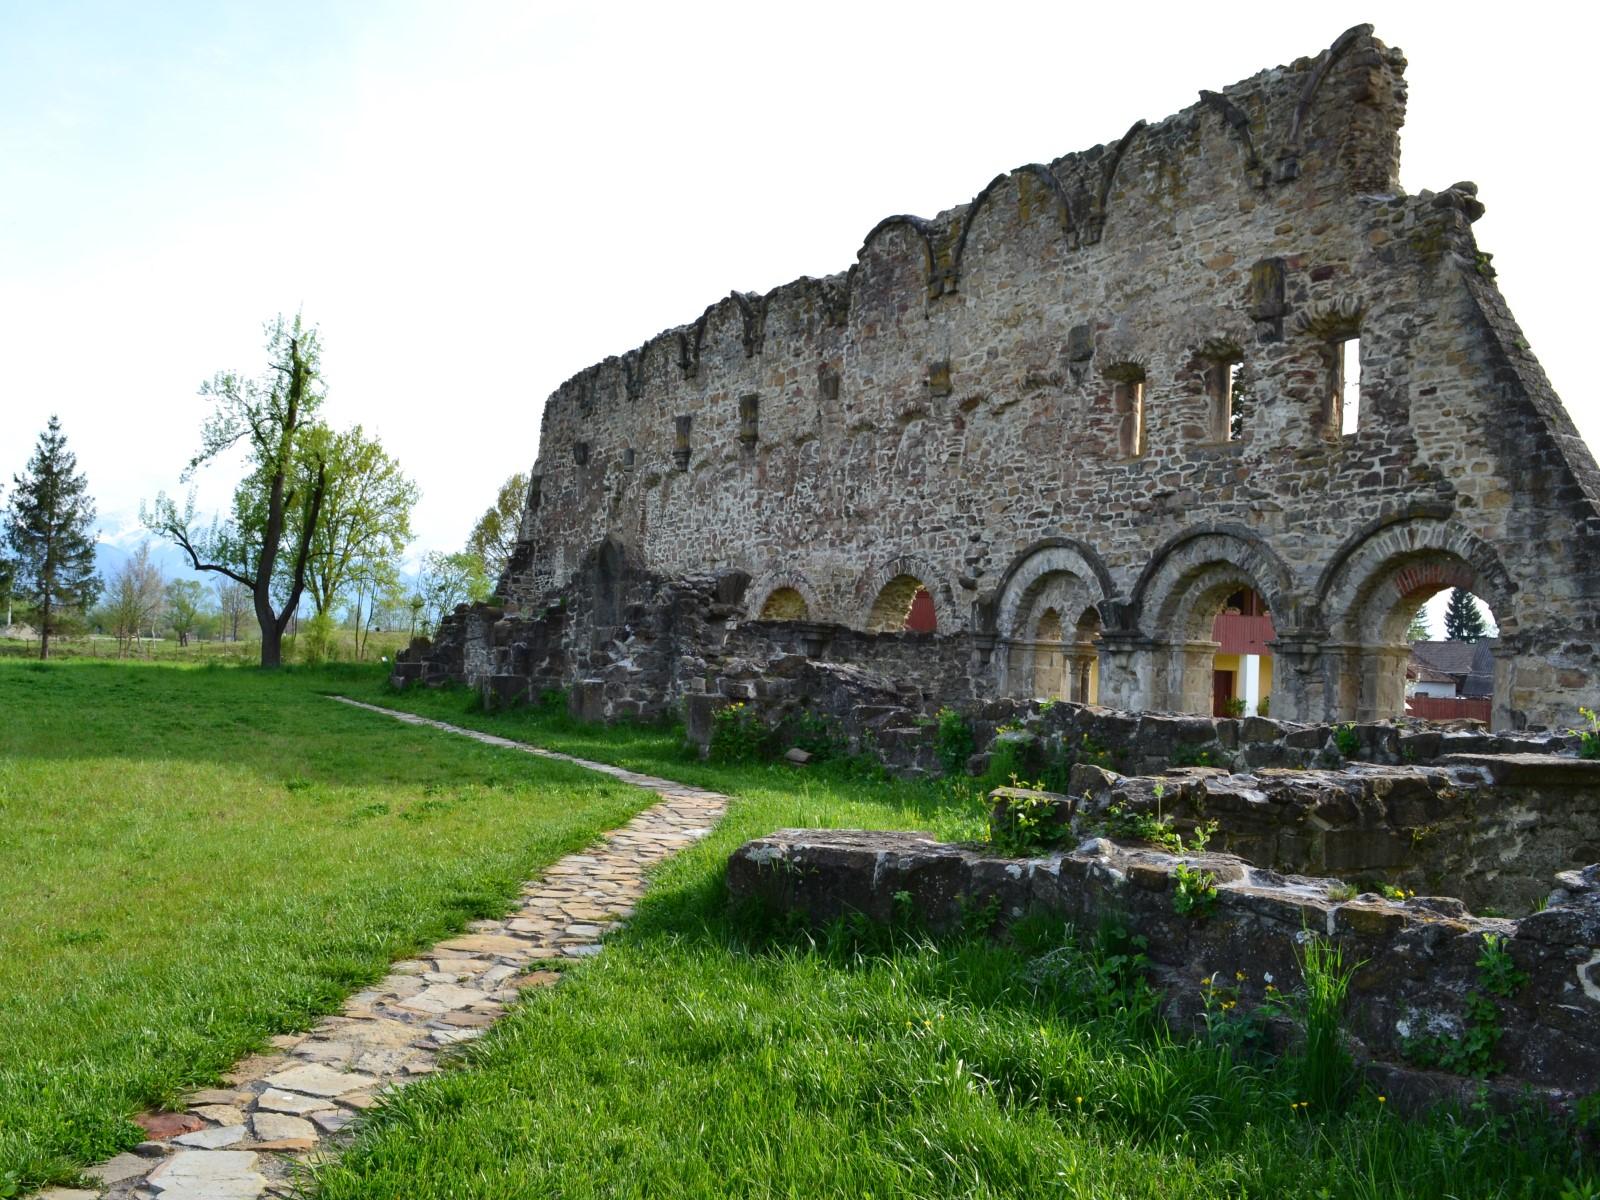 Mănăstirea Cârța 5 - Mănăstirea Cârța - singura ruină cisterciană din România